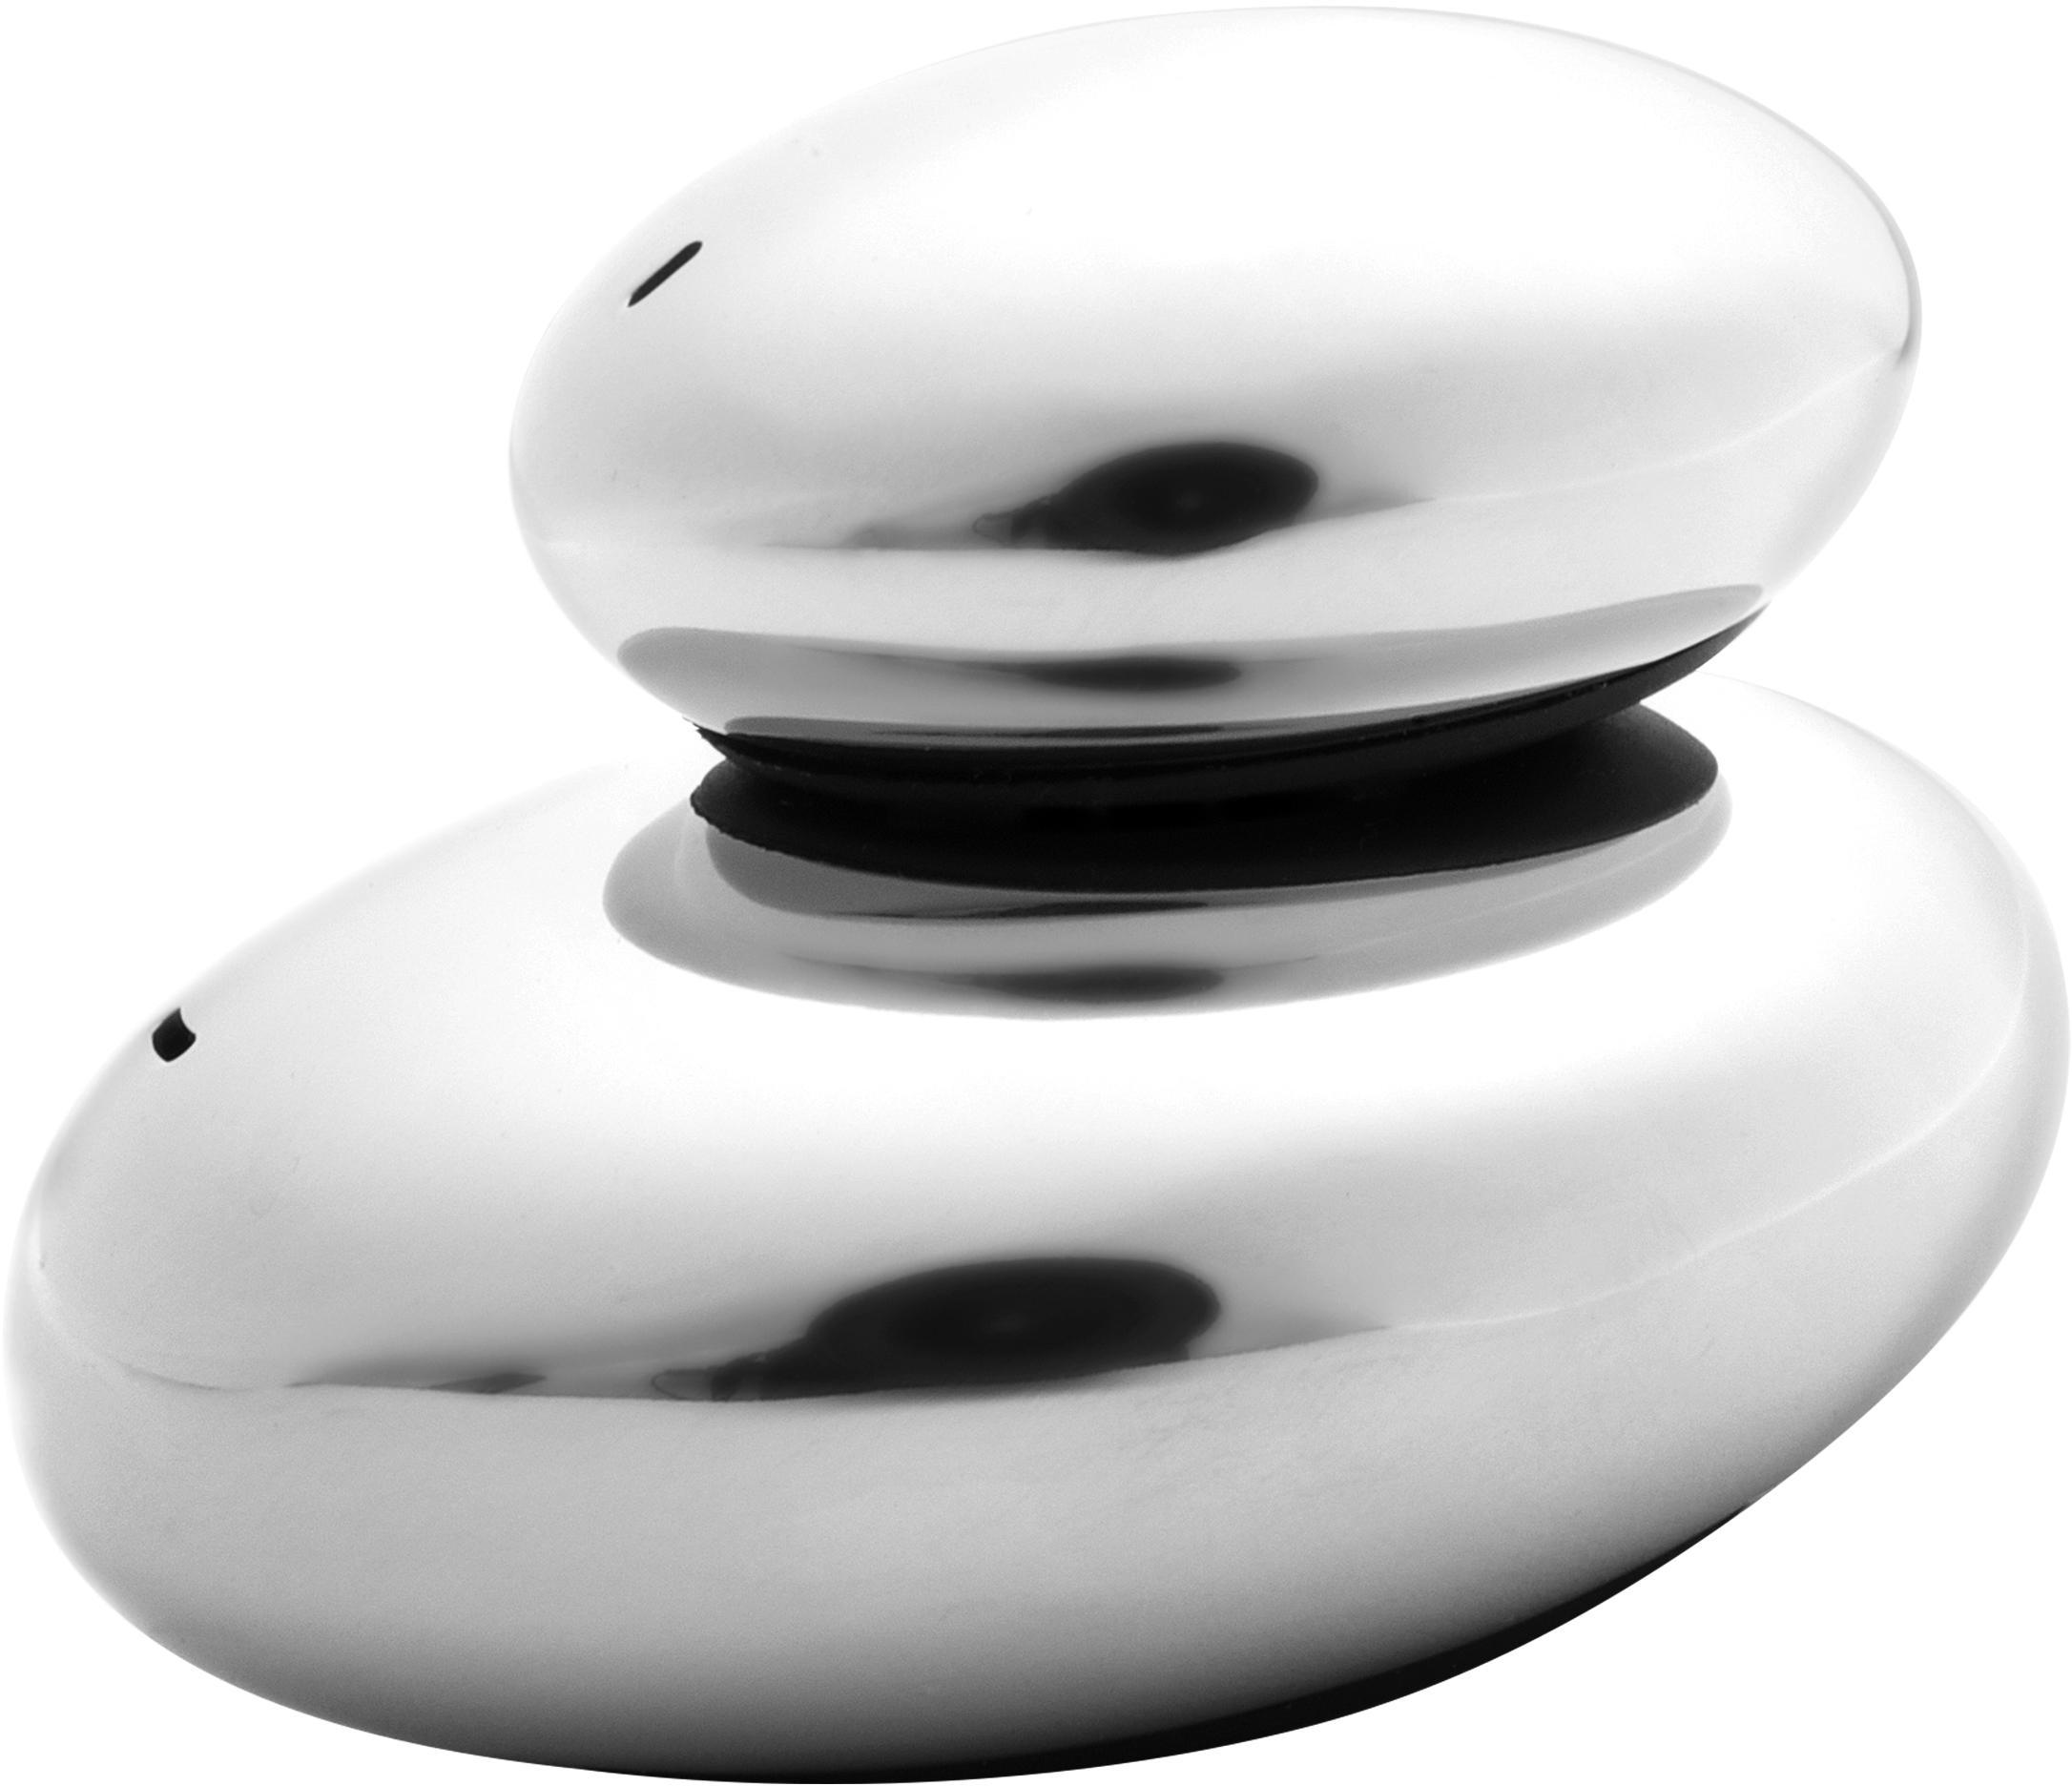 nurso Salz- / Pfefferstreuer (Set 2-tlg) Wohnen/Haushalt/Haushaltswaren/Geschirr, Porzellan & Tischaccessoires/Tischaccessoires/Salzstreuer, Zuckerstreuer & Pfefferstreuer